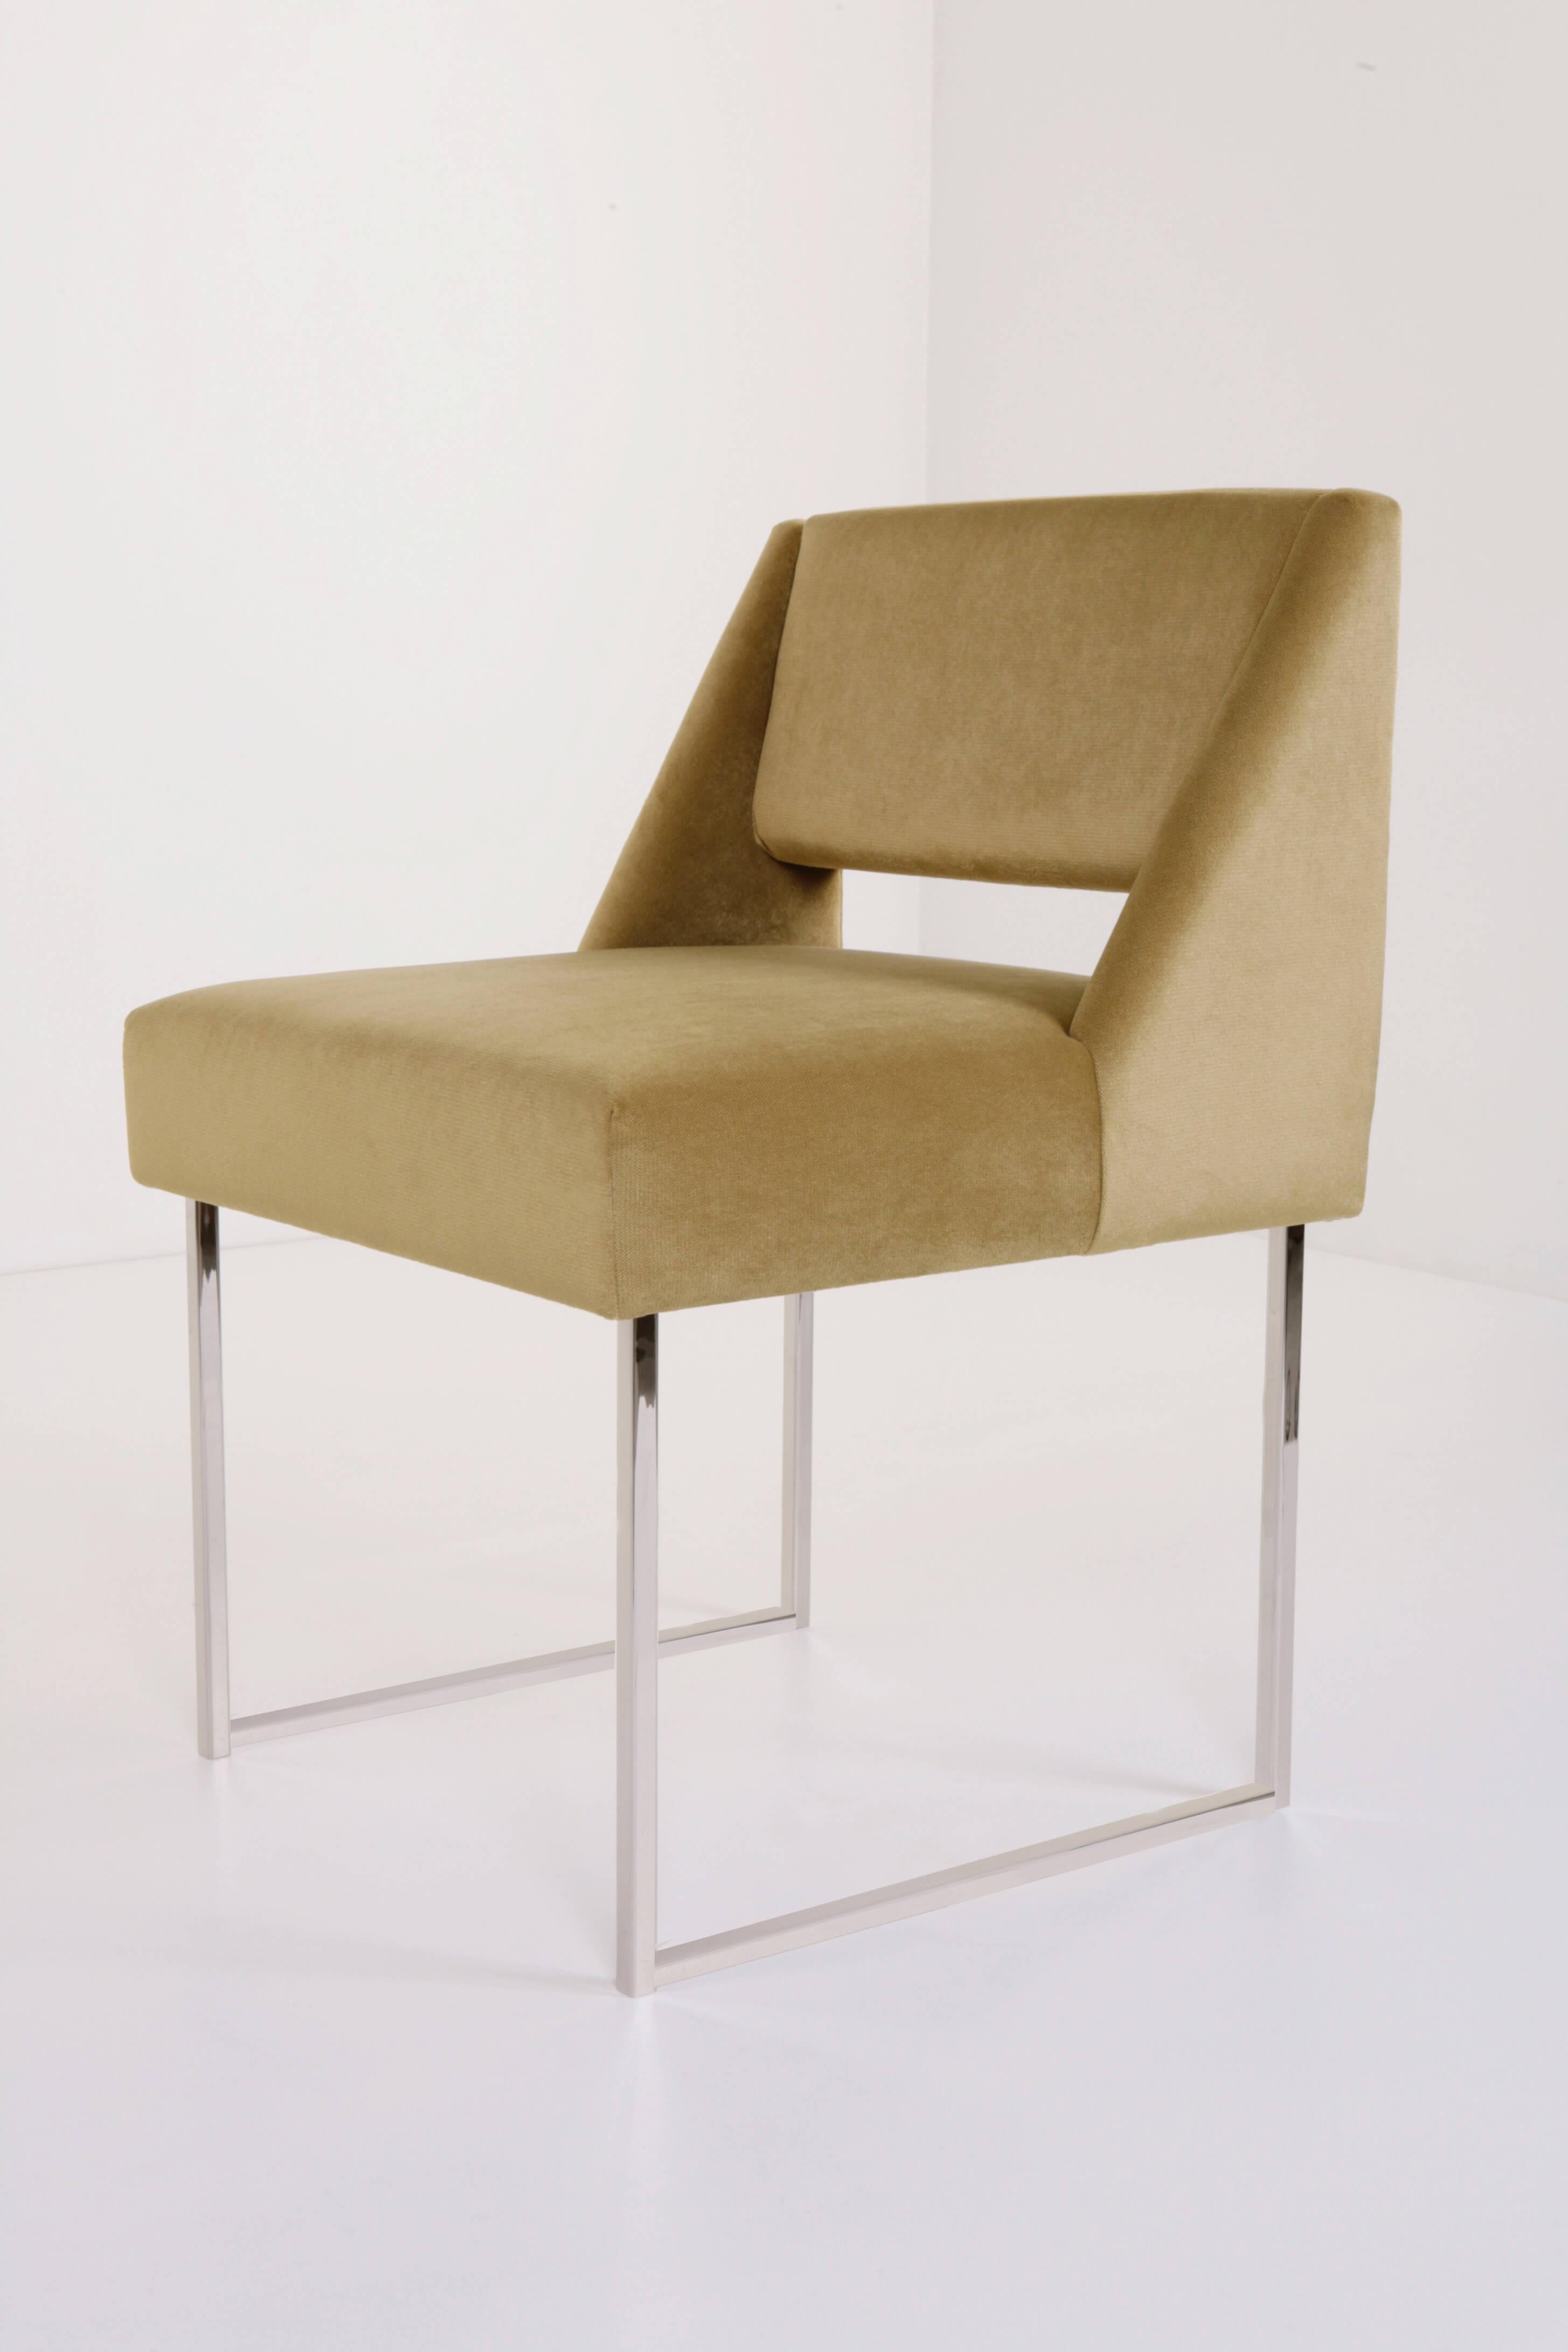 Atelier de Troupe - Cubist Chair